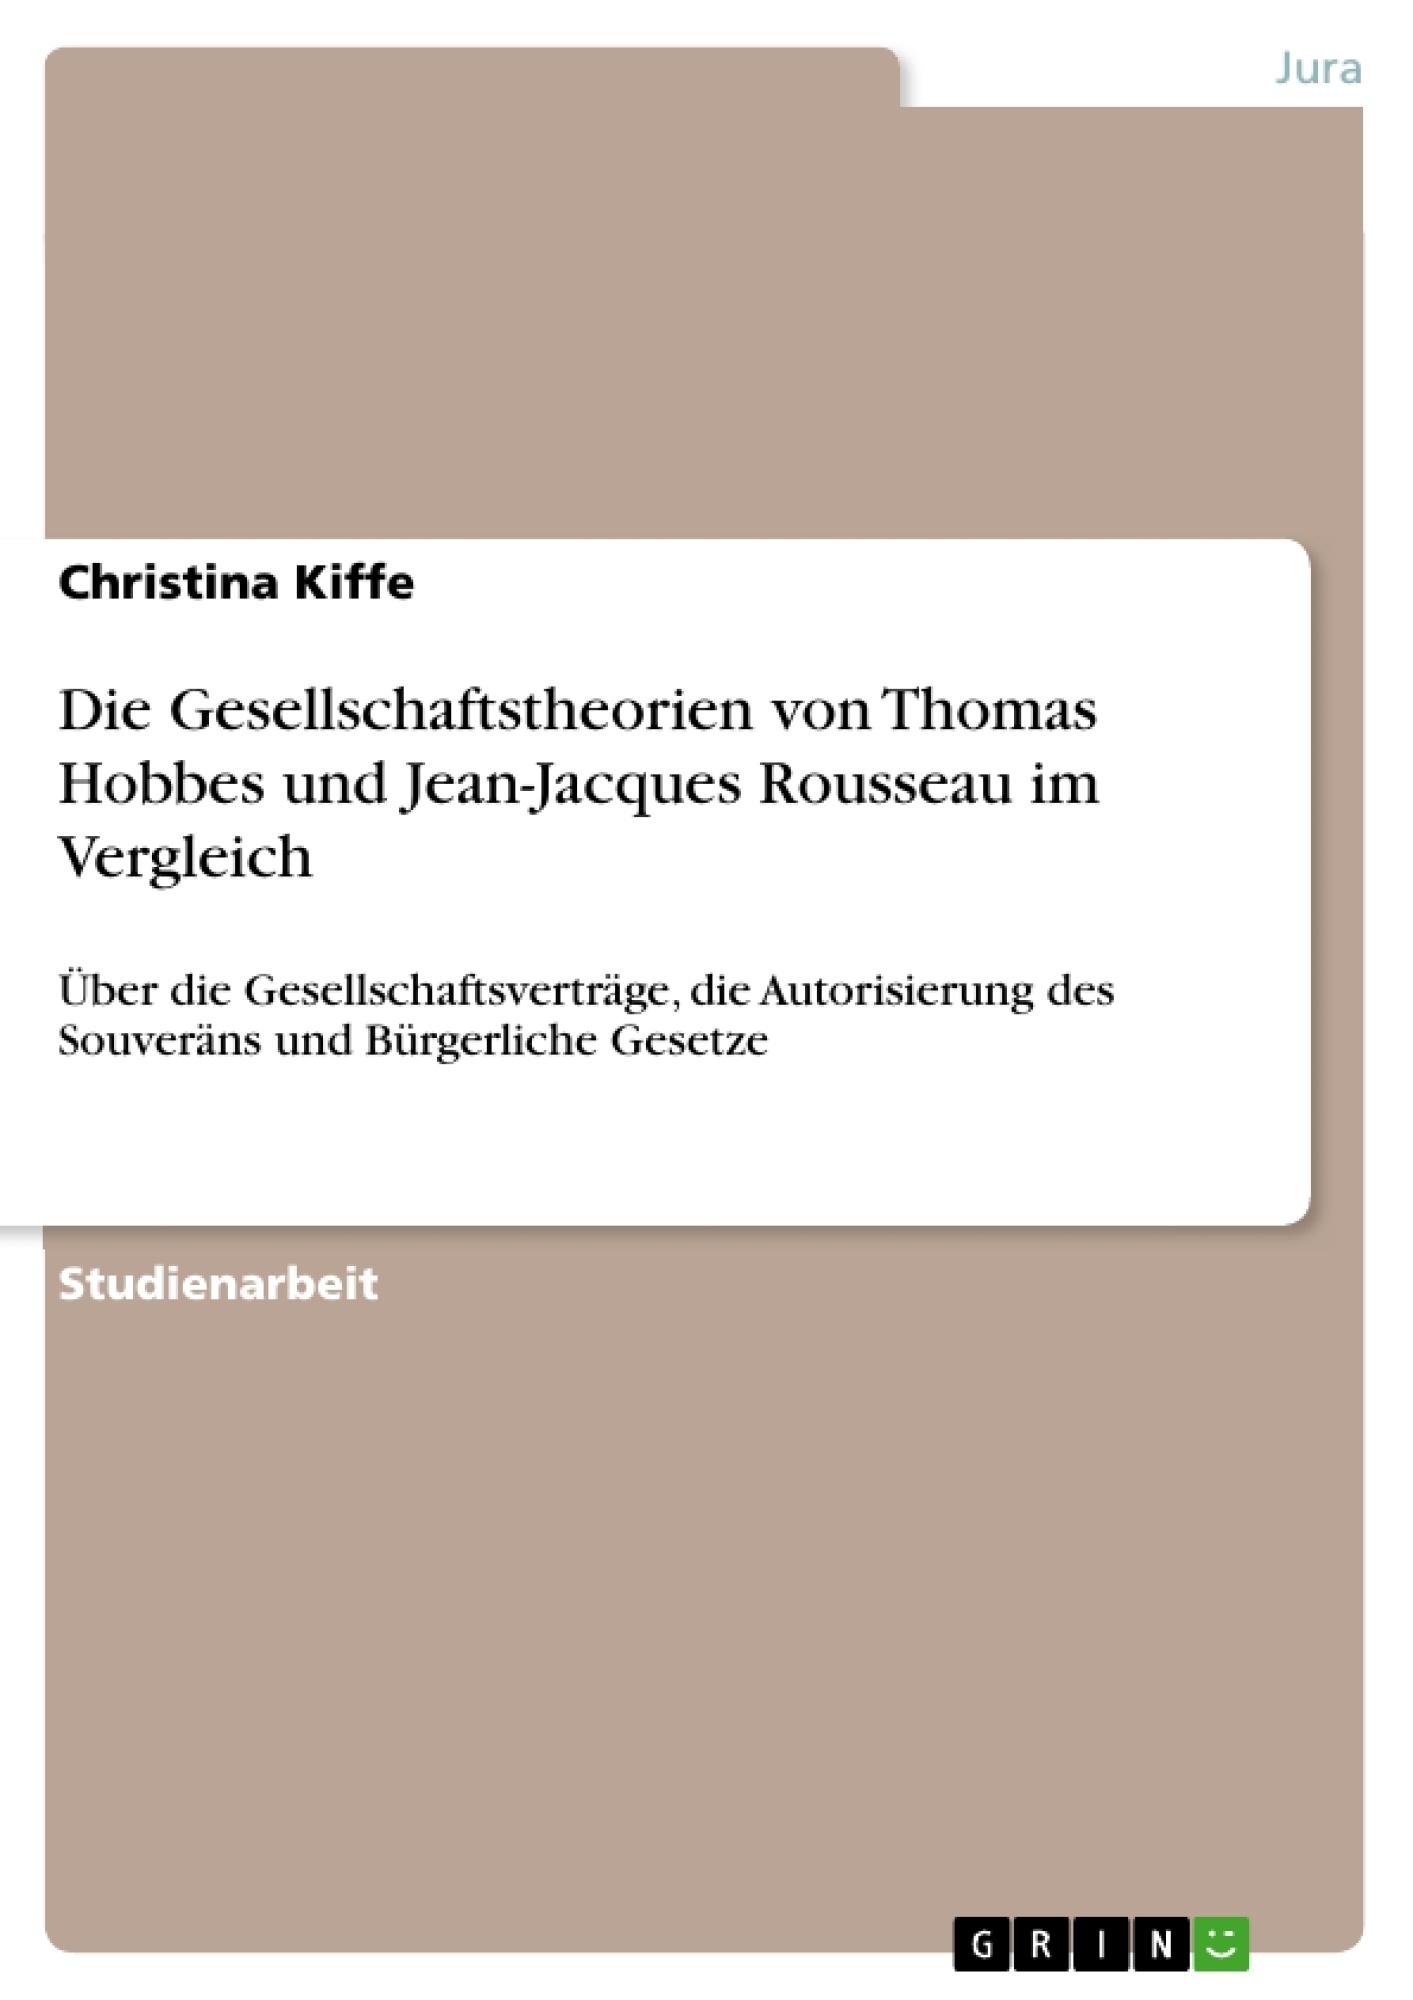 Titel: Die Gesellschaftstheorien von Thomas Hobbes und Jean-Jacques Rousseau im Vergleich